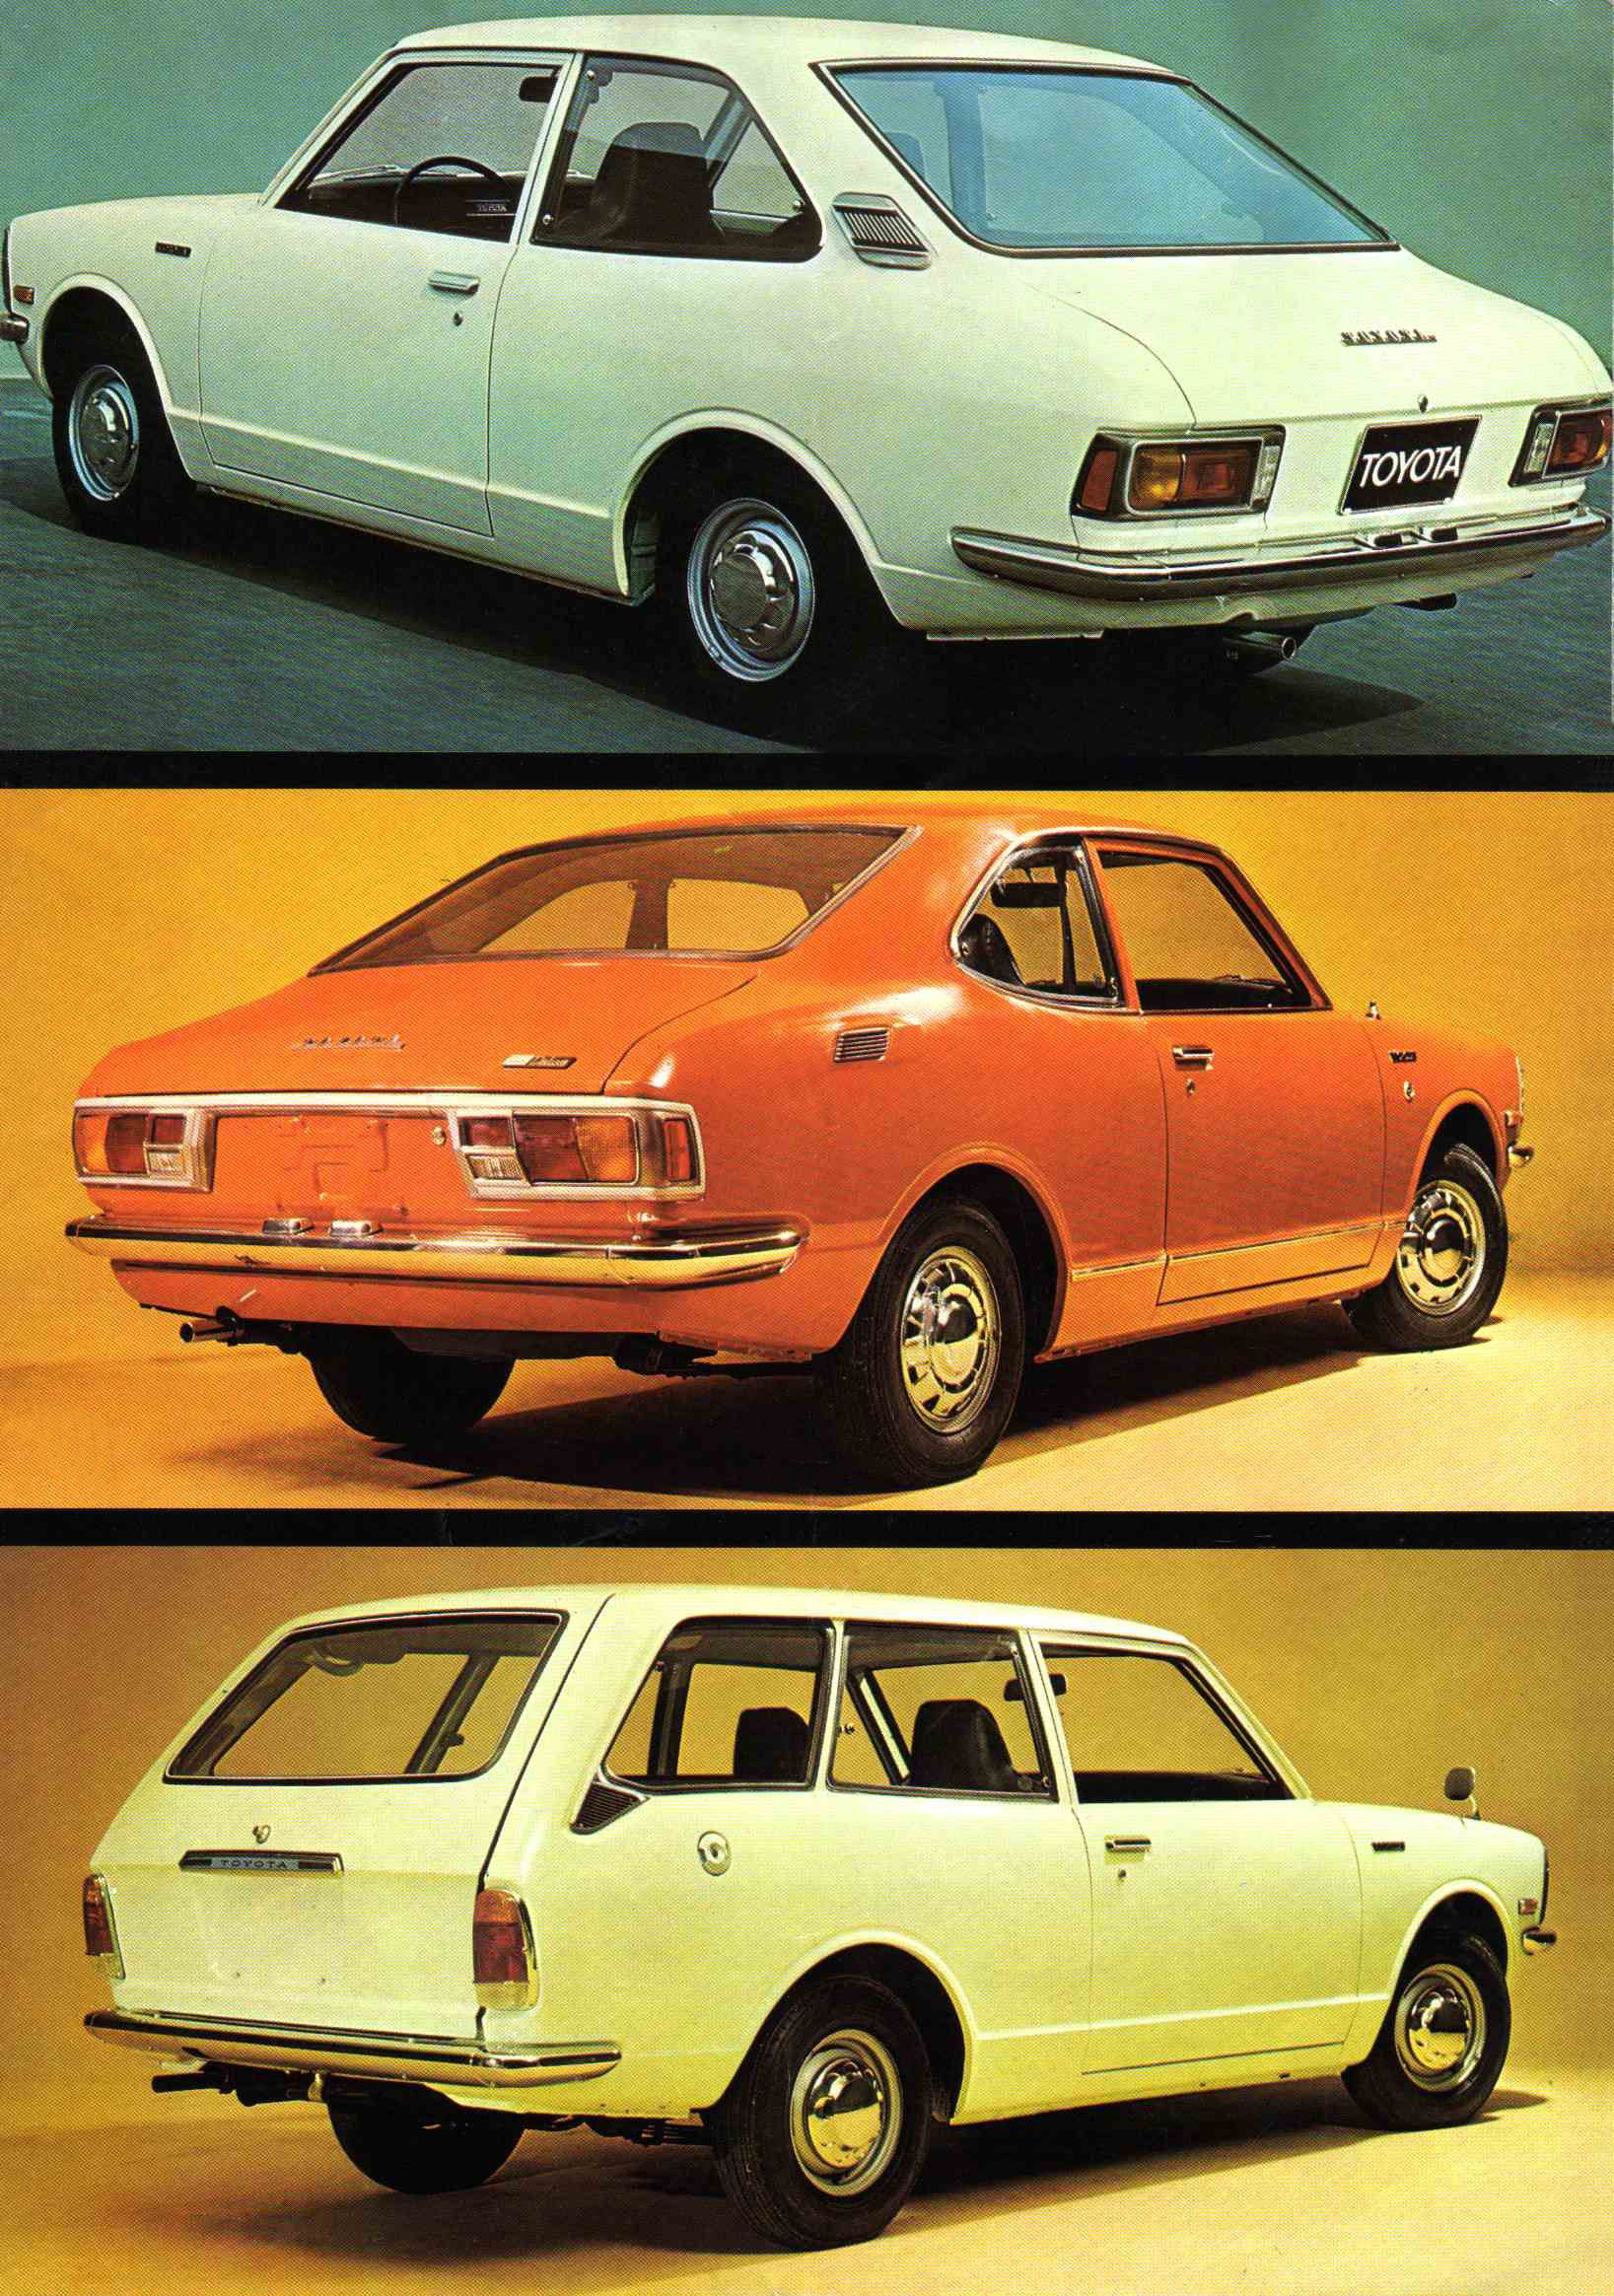 1973 Toyota Corolla Brochure